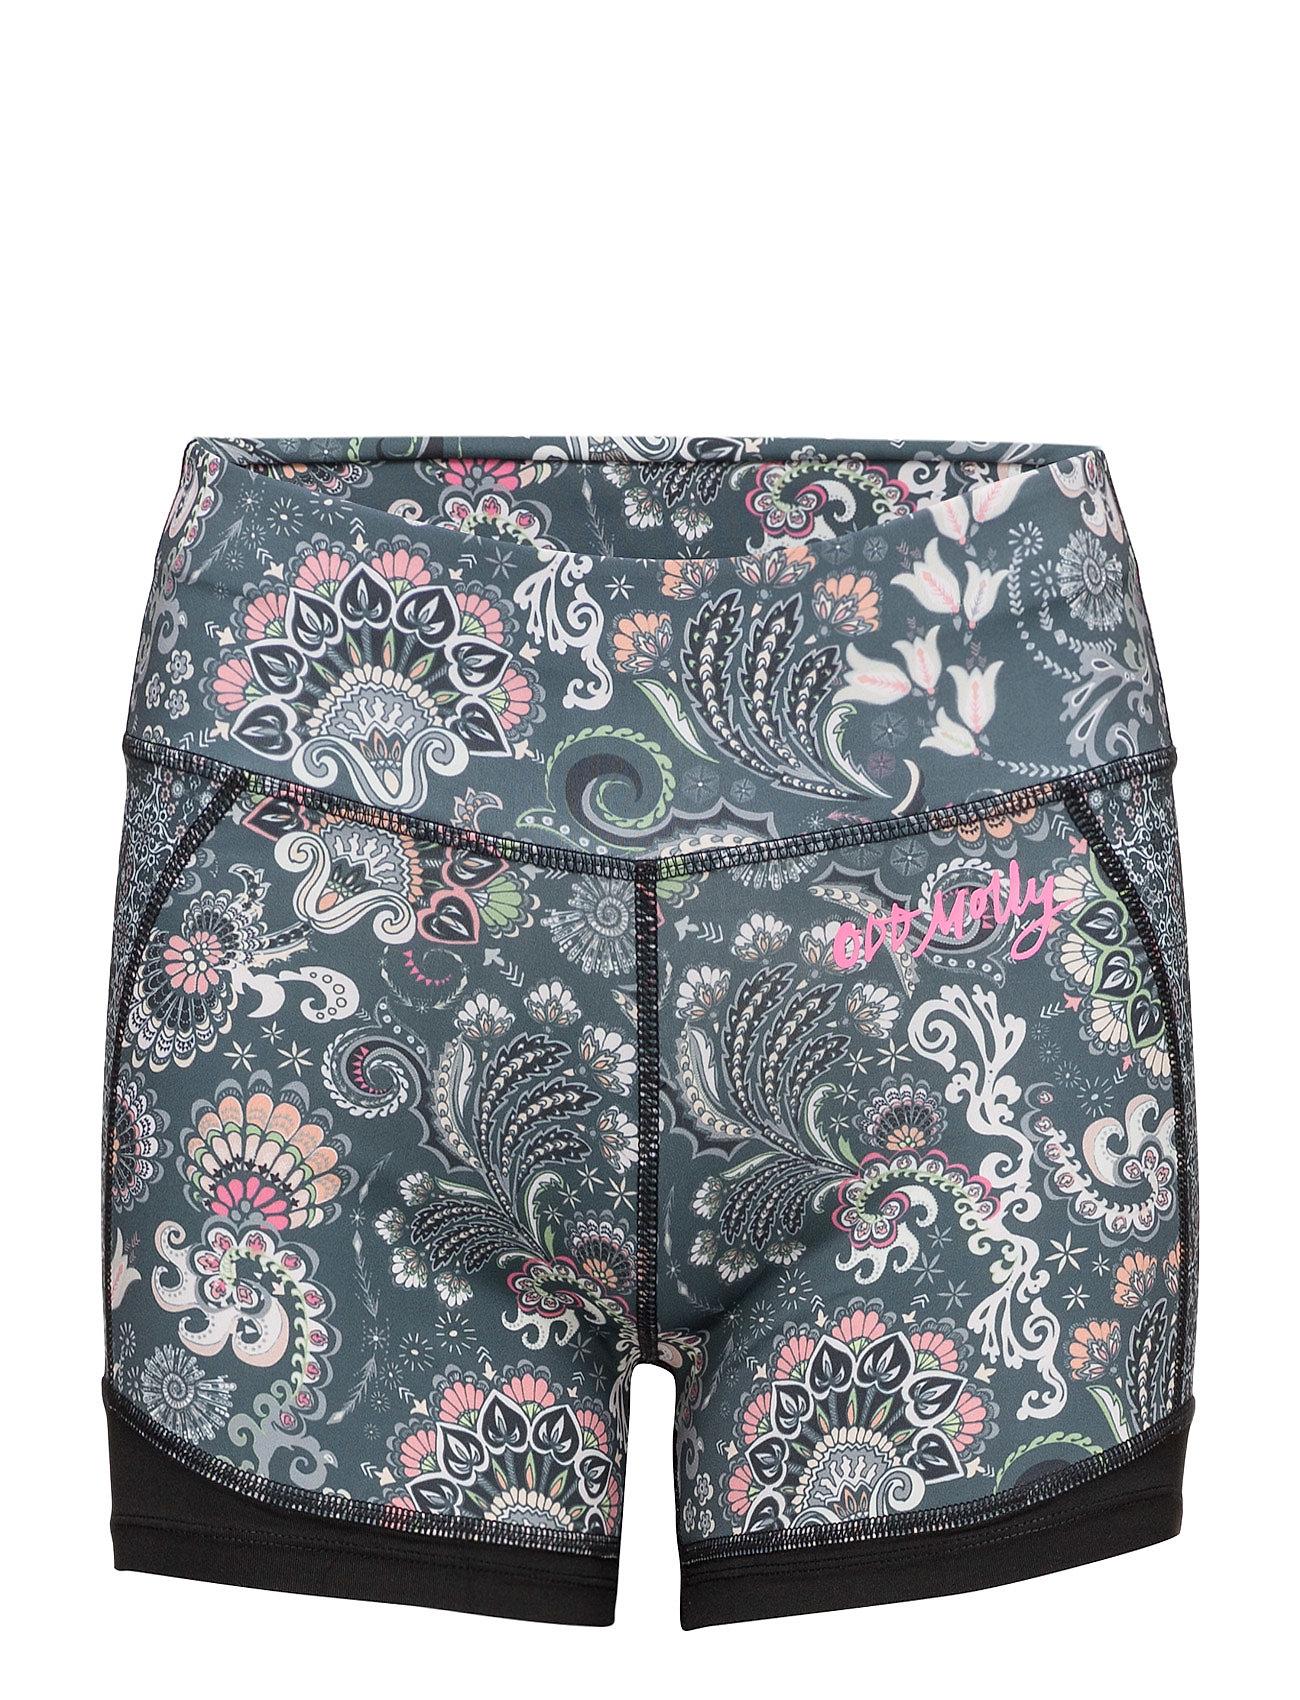 ODD MOLLY ACTIVE WEAR shakedown shorts